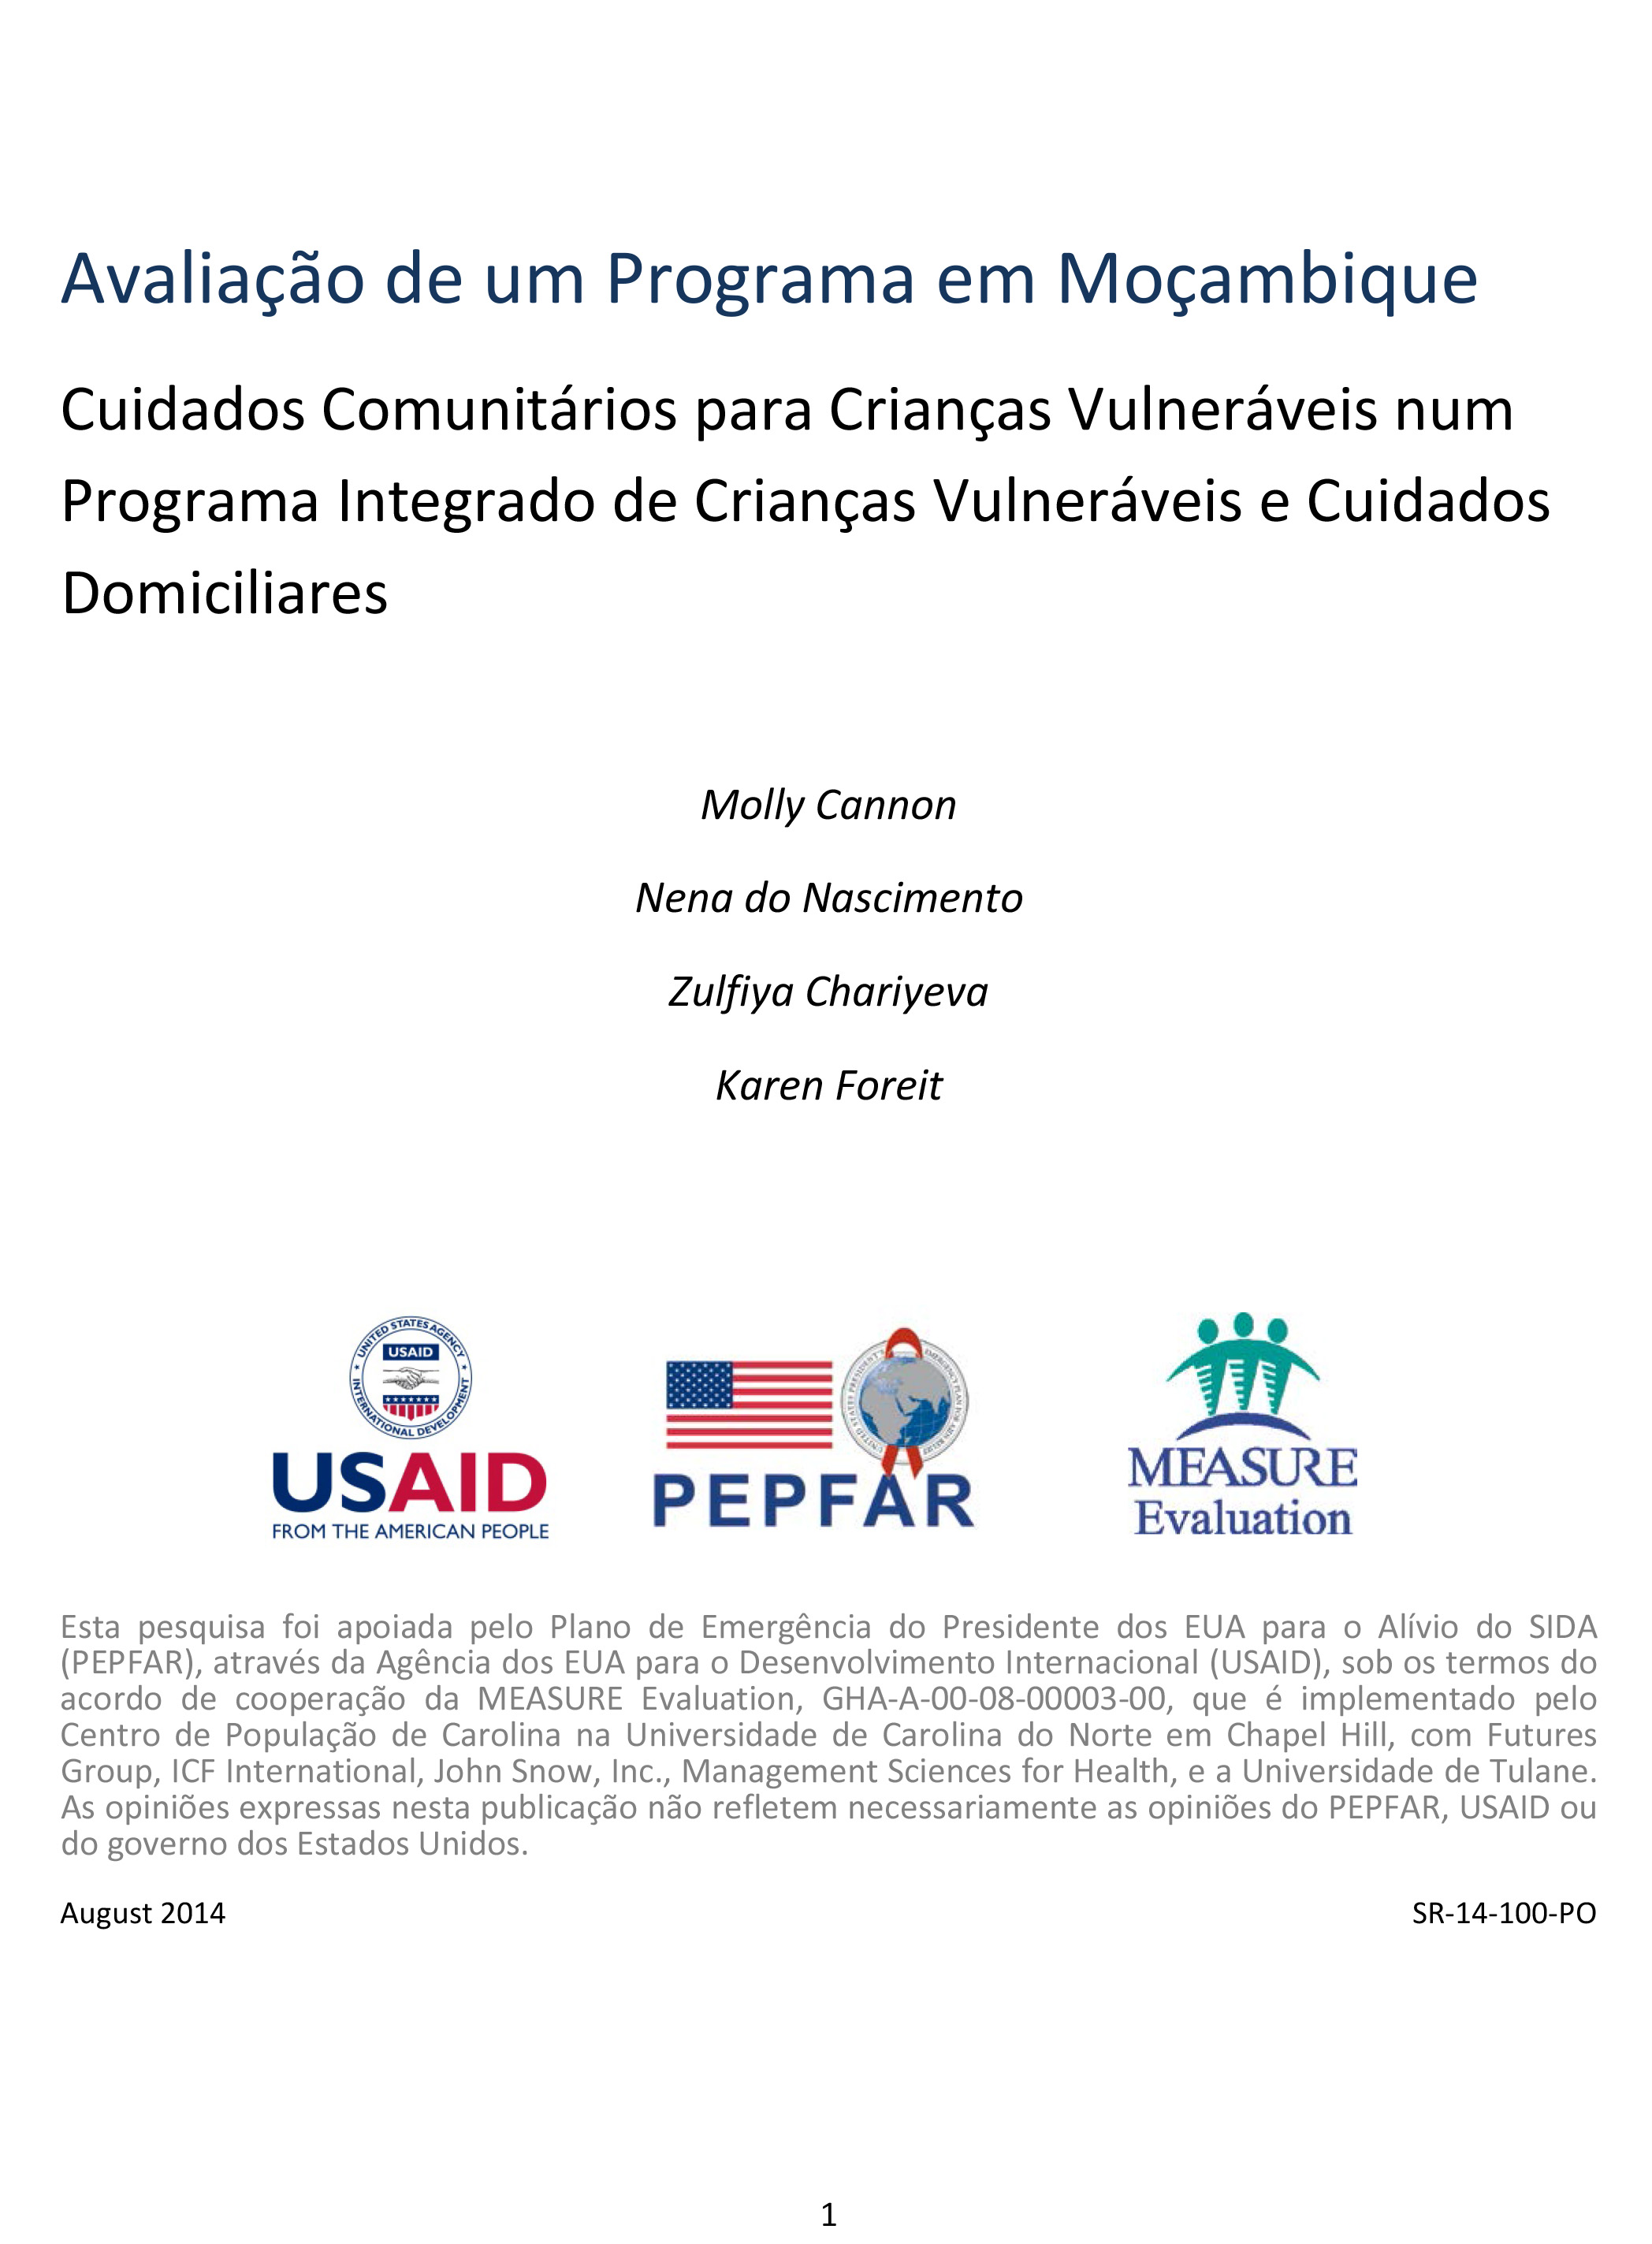 Avaliao de um Programa em Moambique. Cuidados Comunitrios para Crianas Vulnerveis num Programa Integrado de Crianas Vulnerveis e Cuidados Domiciliares